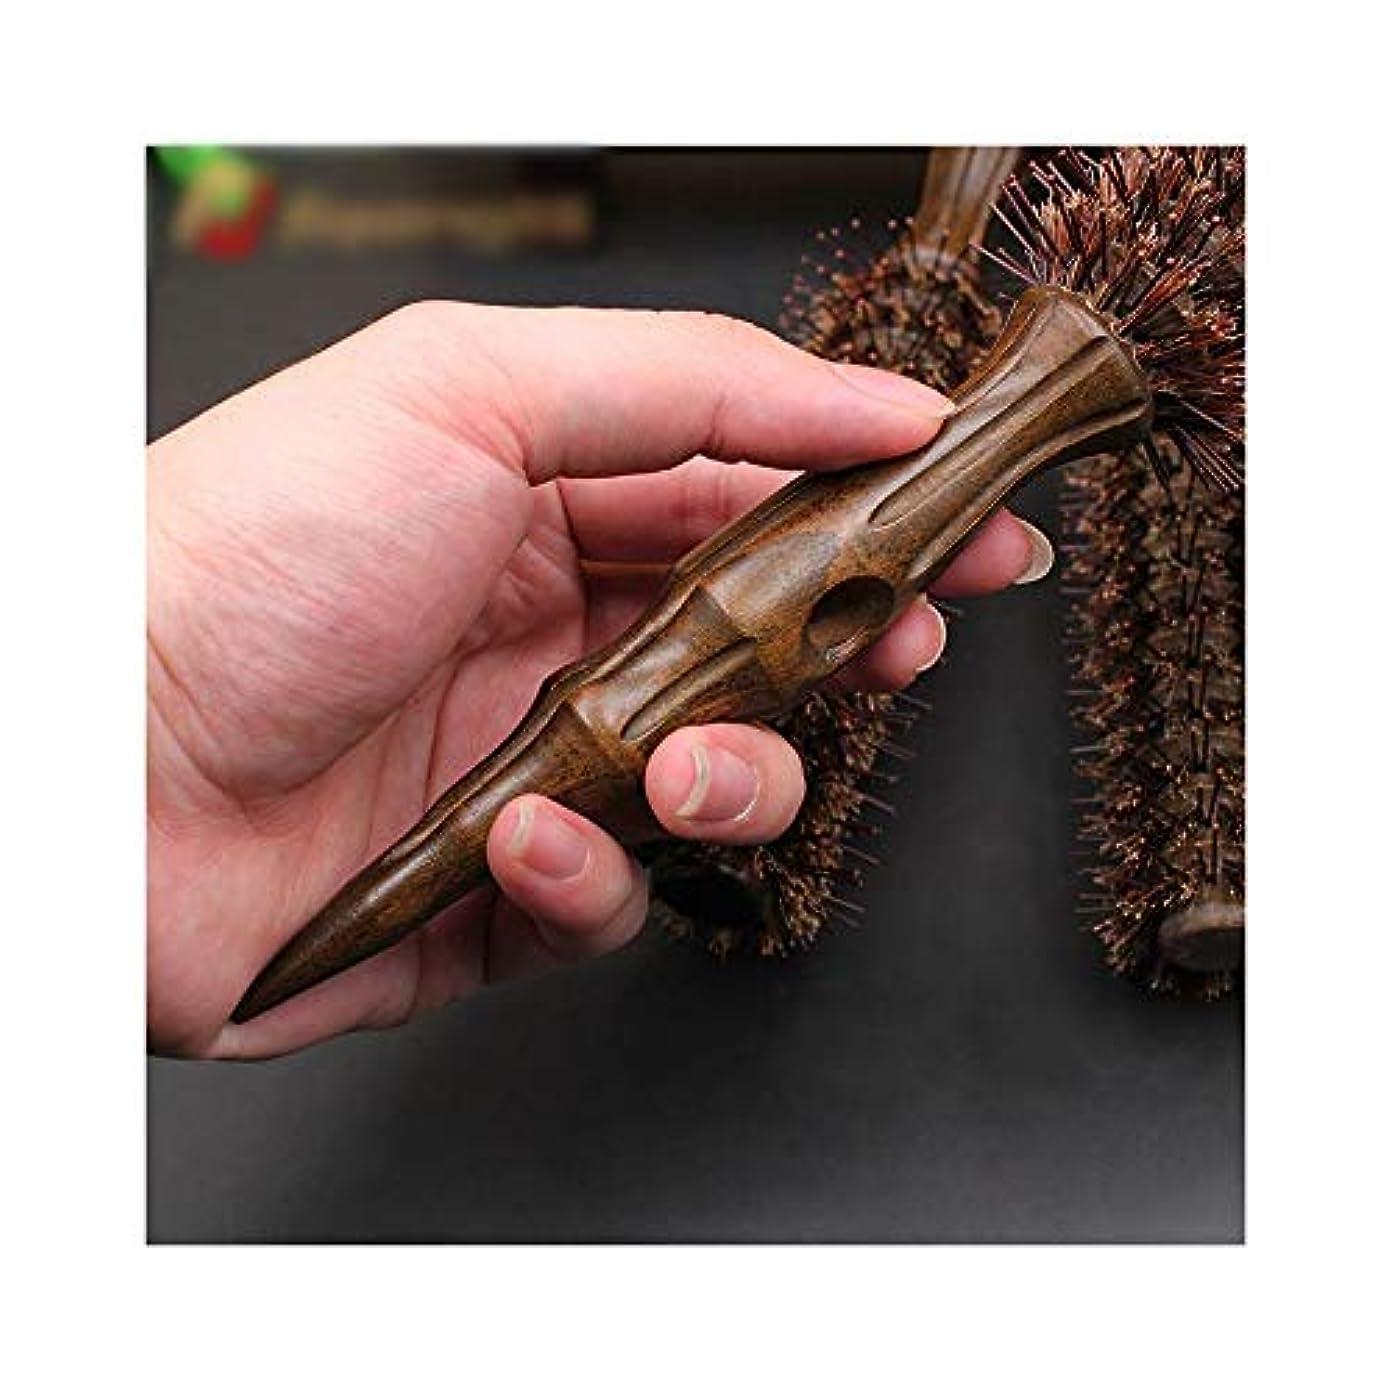 債権者特殊ジャーナルWASAIO ヘアブラシ高品質カーリーヘアコーム、帯電防止ウッドハンドルローリングブラシ (サイズ : M)